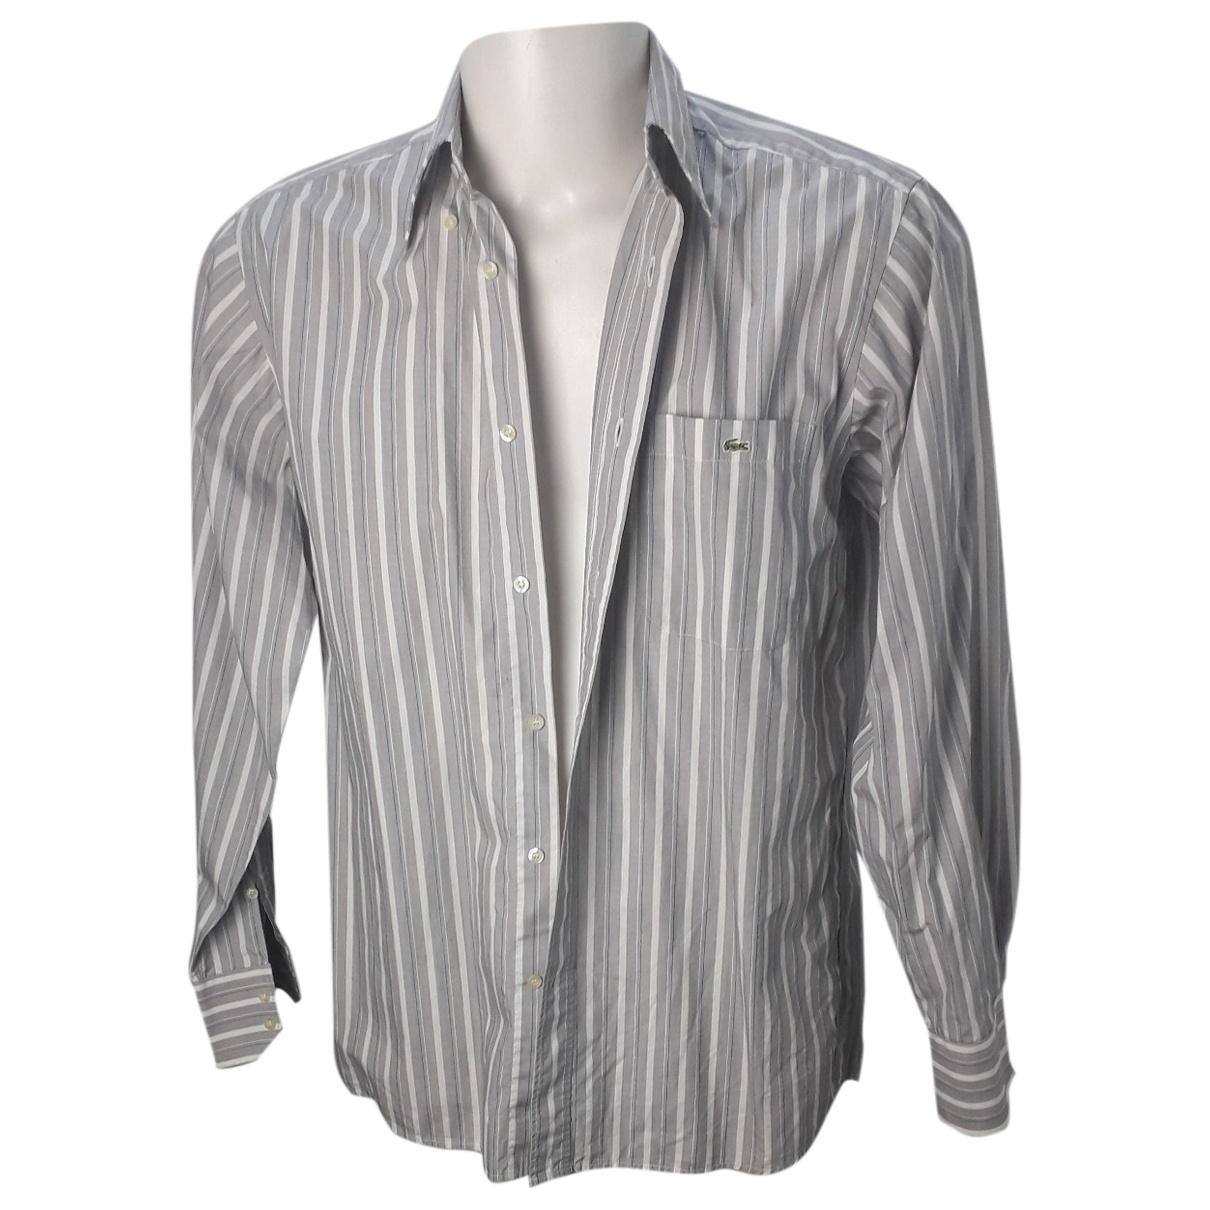 Lacoste \N Hemden in  Grau Baumwolle